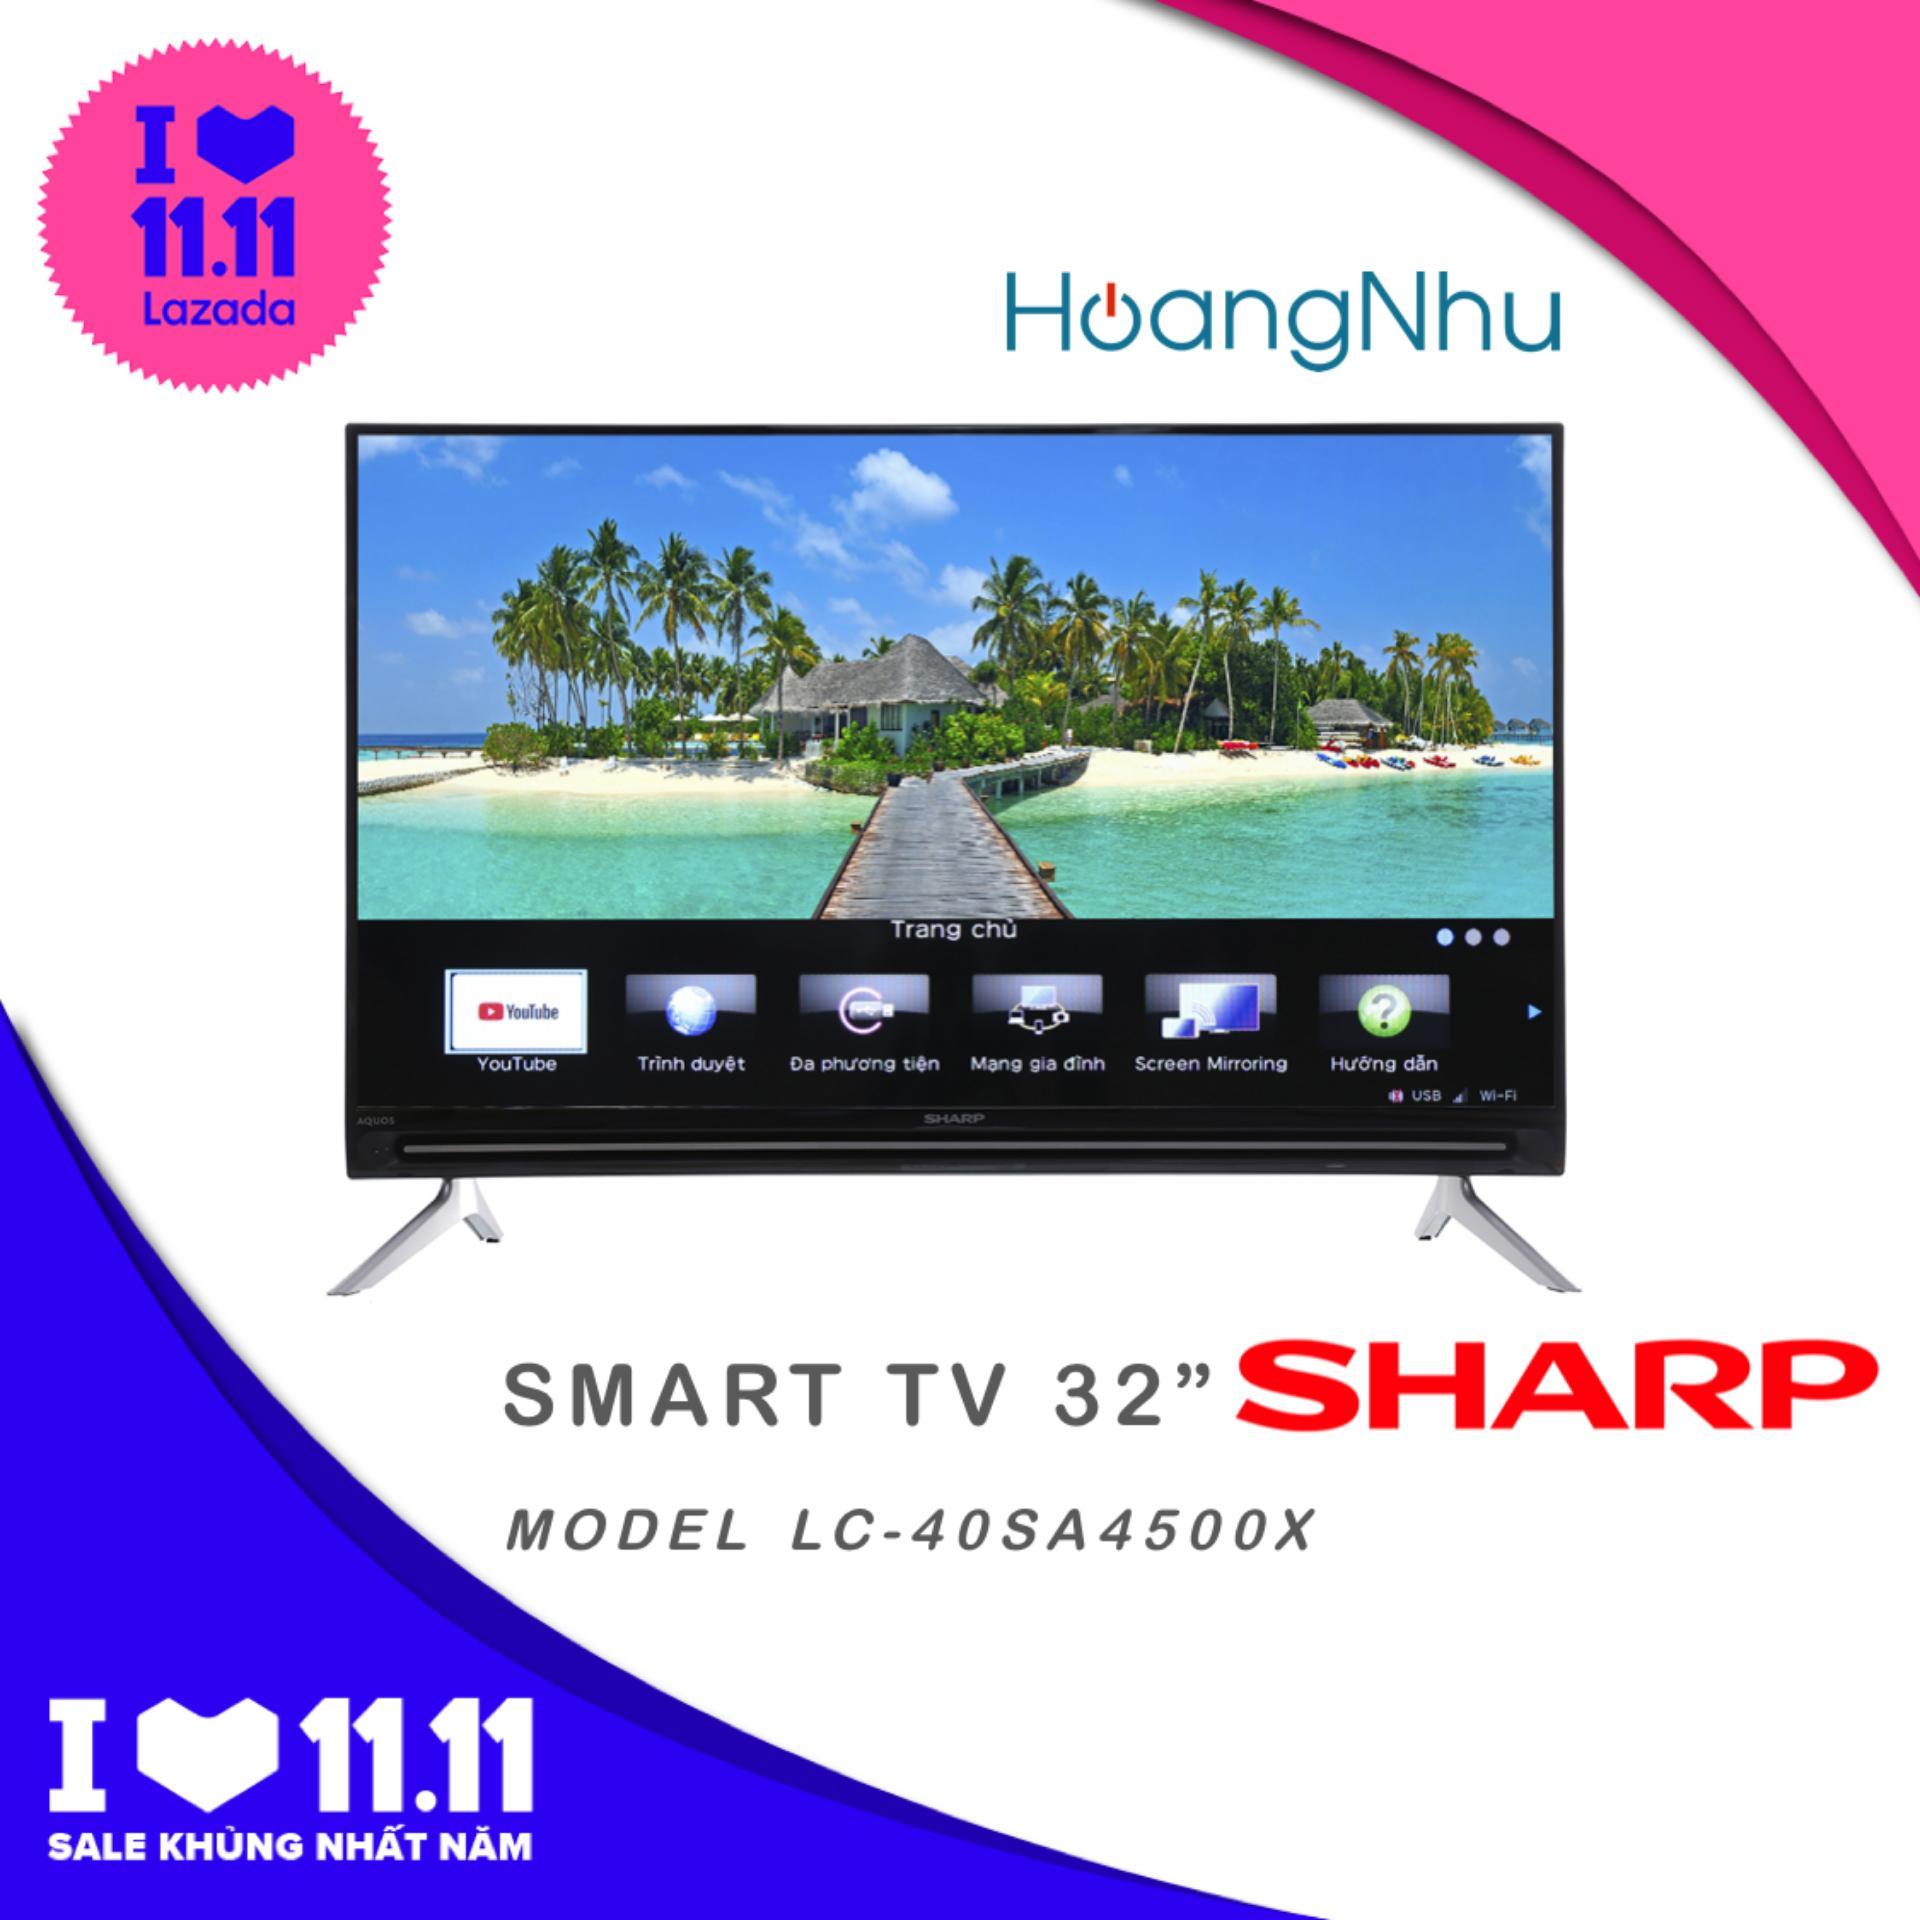 Smart TV Sharp 32 inch LC-32SA4500X (Tivi thông minh, HD Ready, truyền hình KTS)